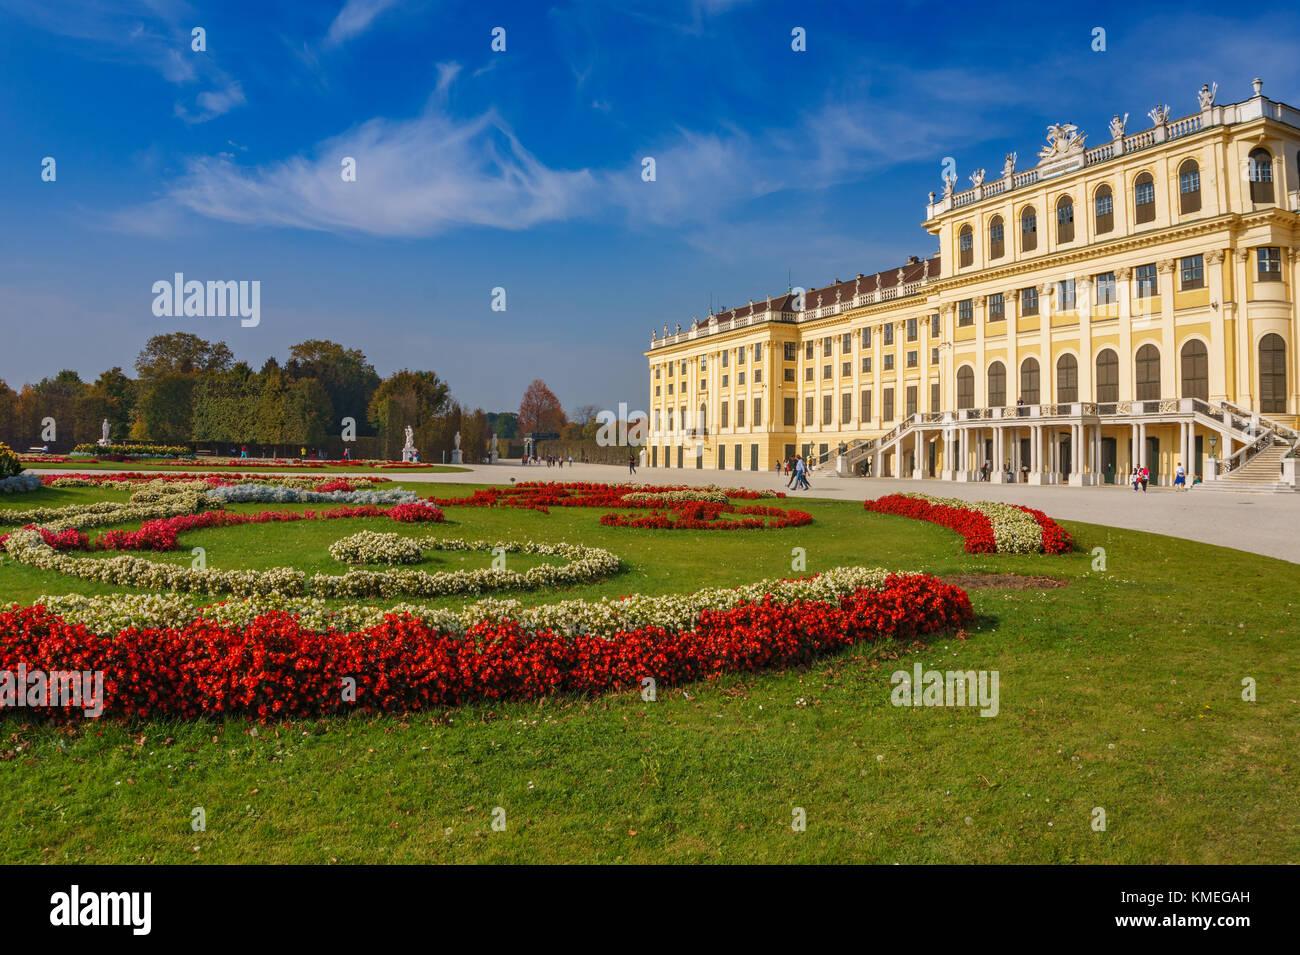 Circondato di area e giardini intorno al famoso Palazzo di Schonbrunn a Vienna in Austria, l'Europa. Immagini Stock